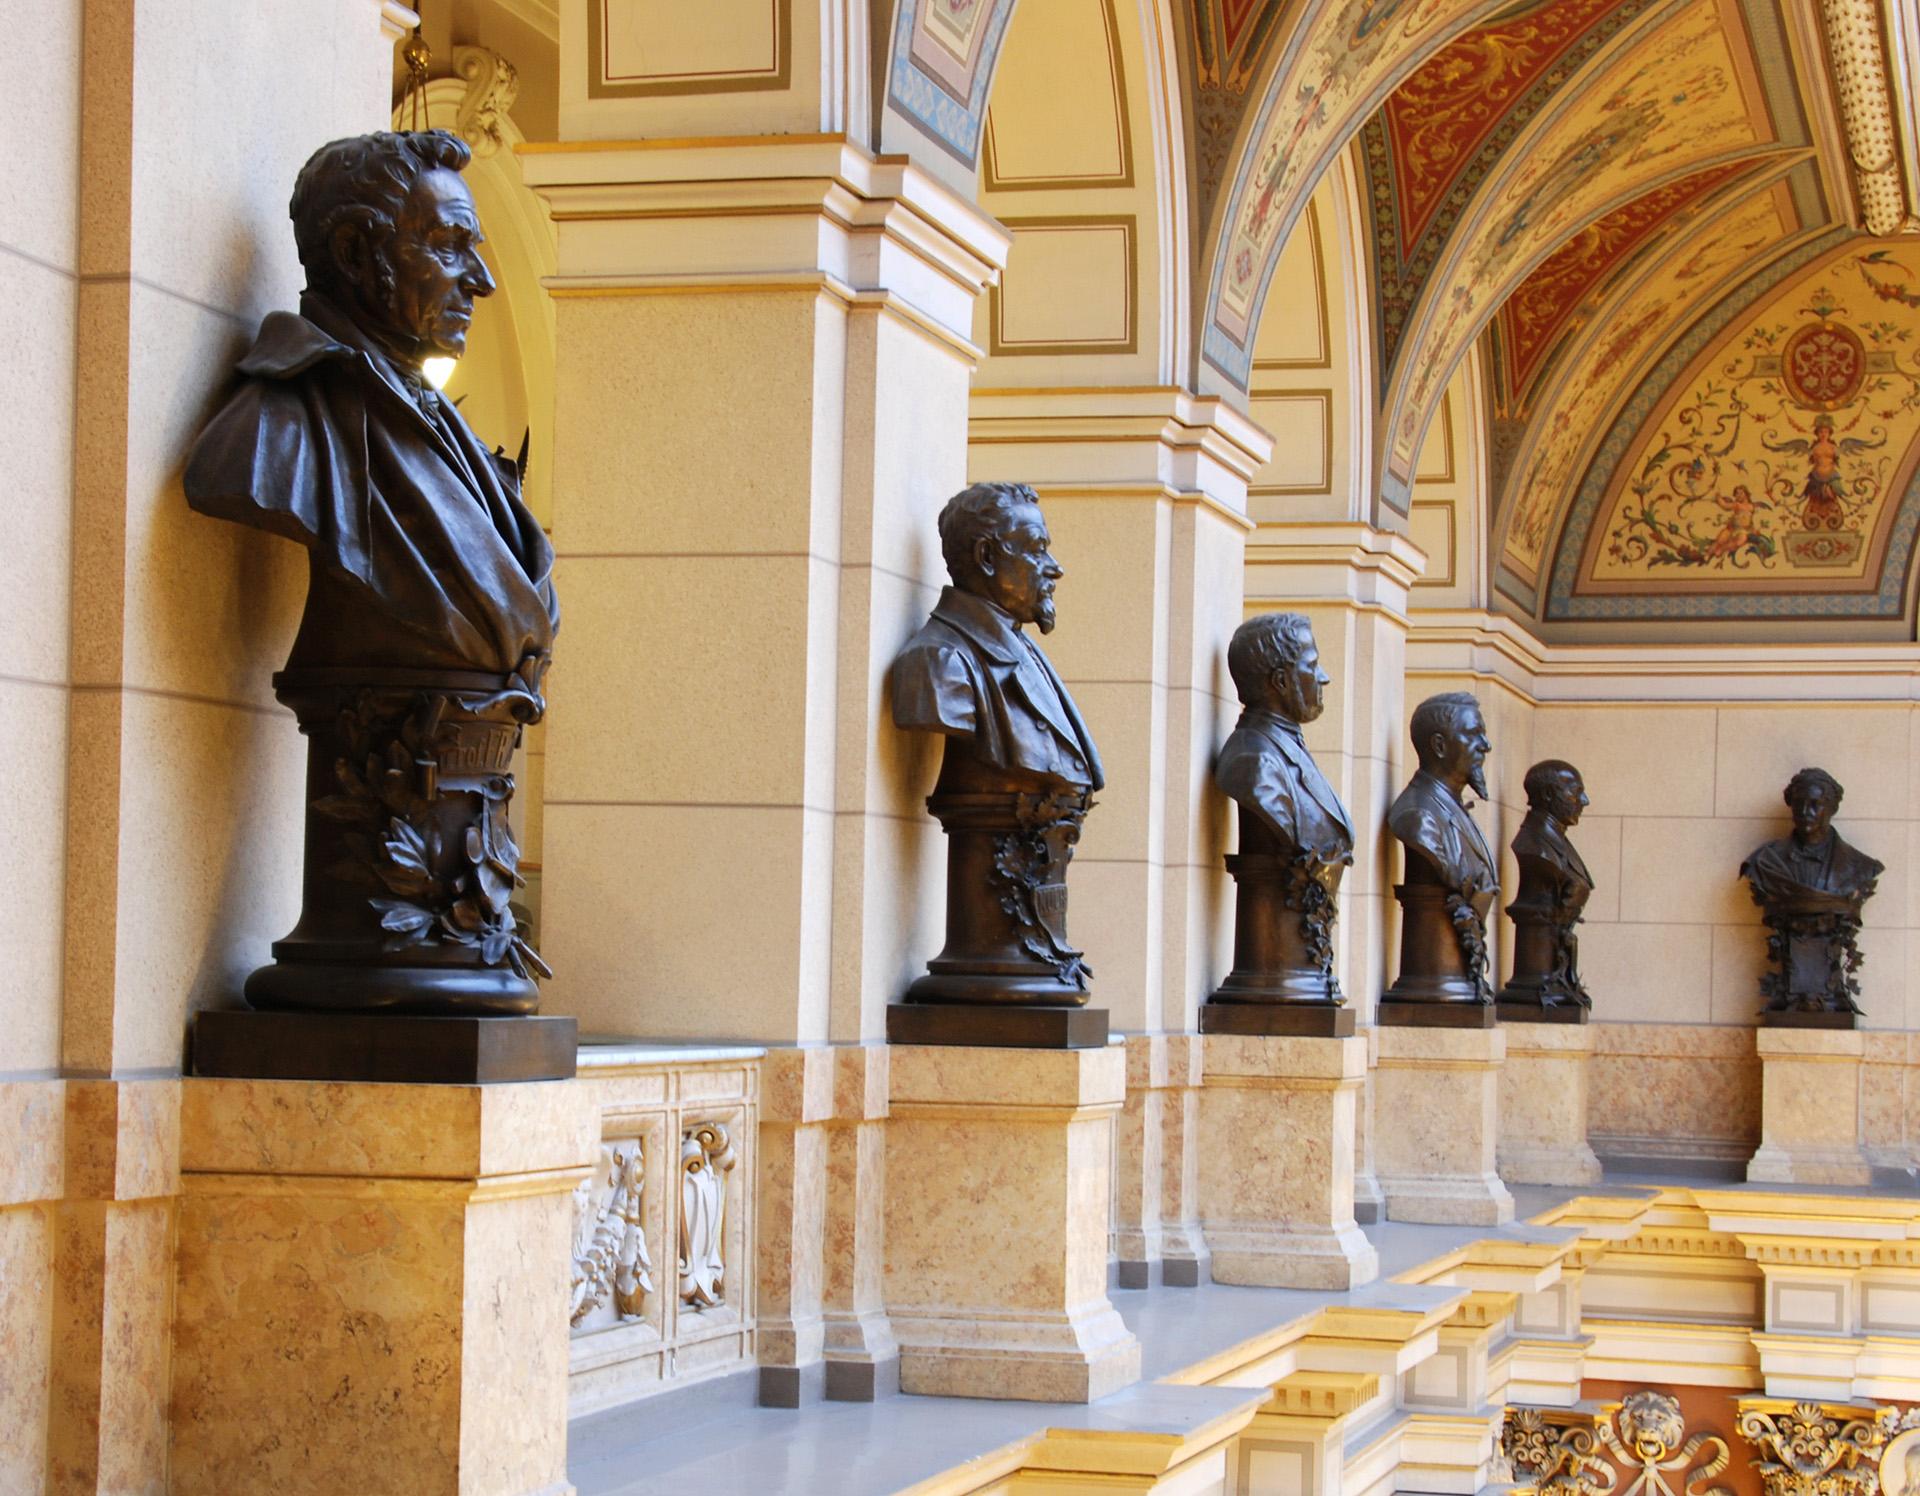 Dagje-uit-ouderen-museum-beelden